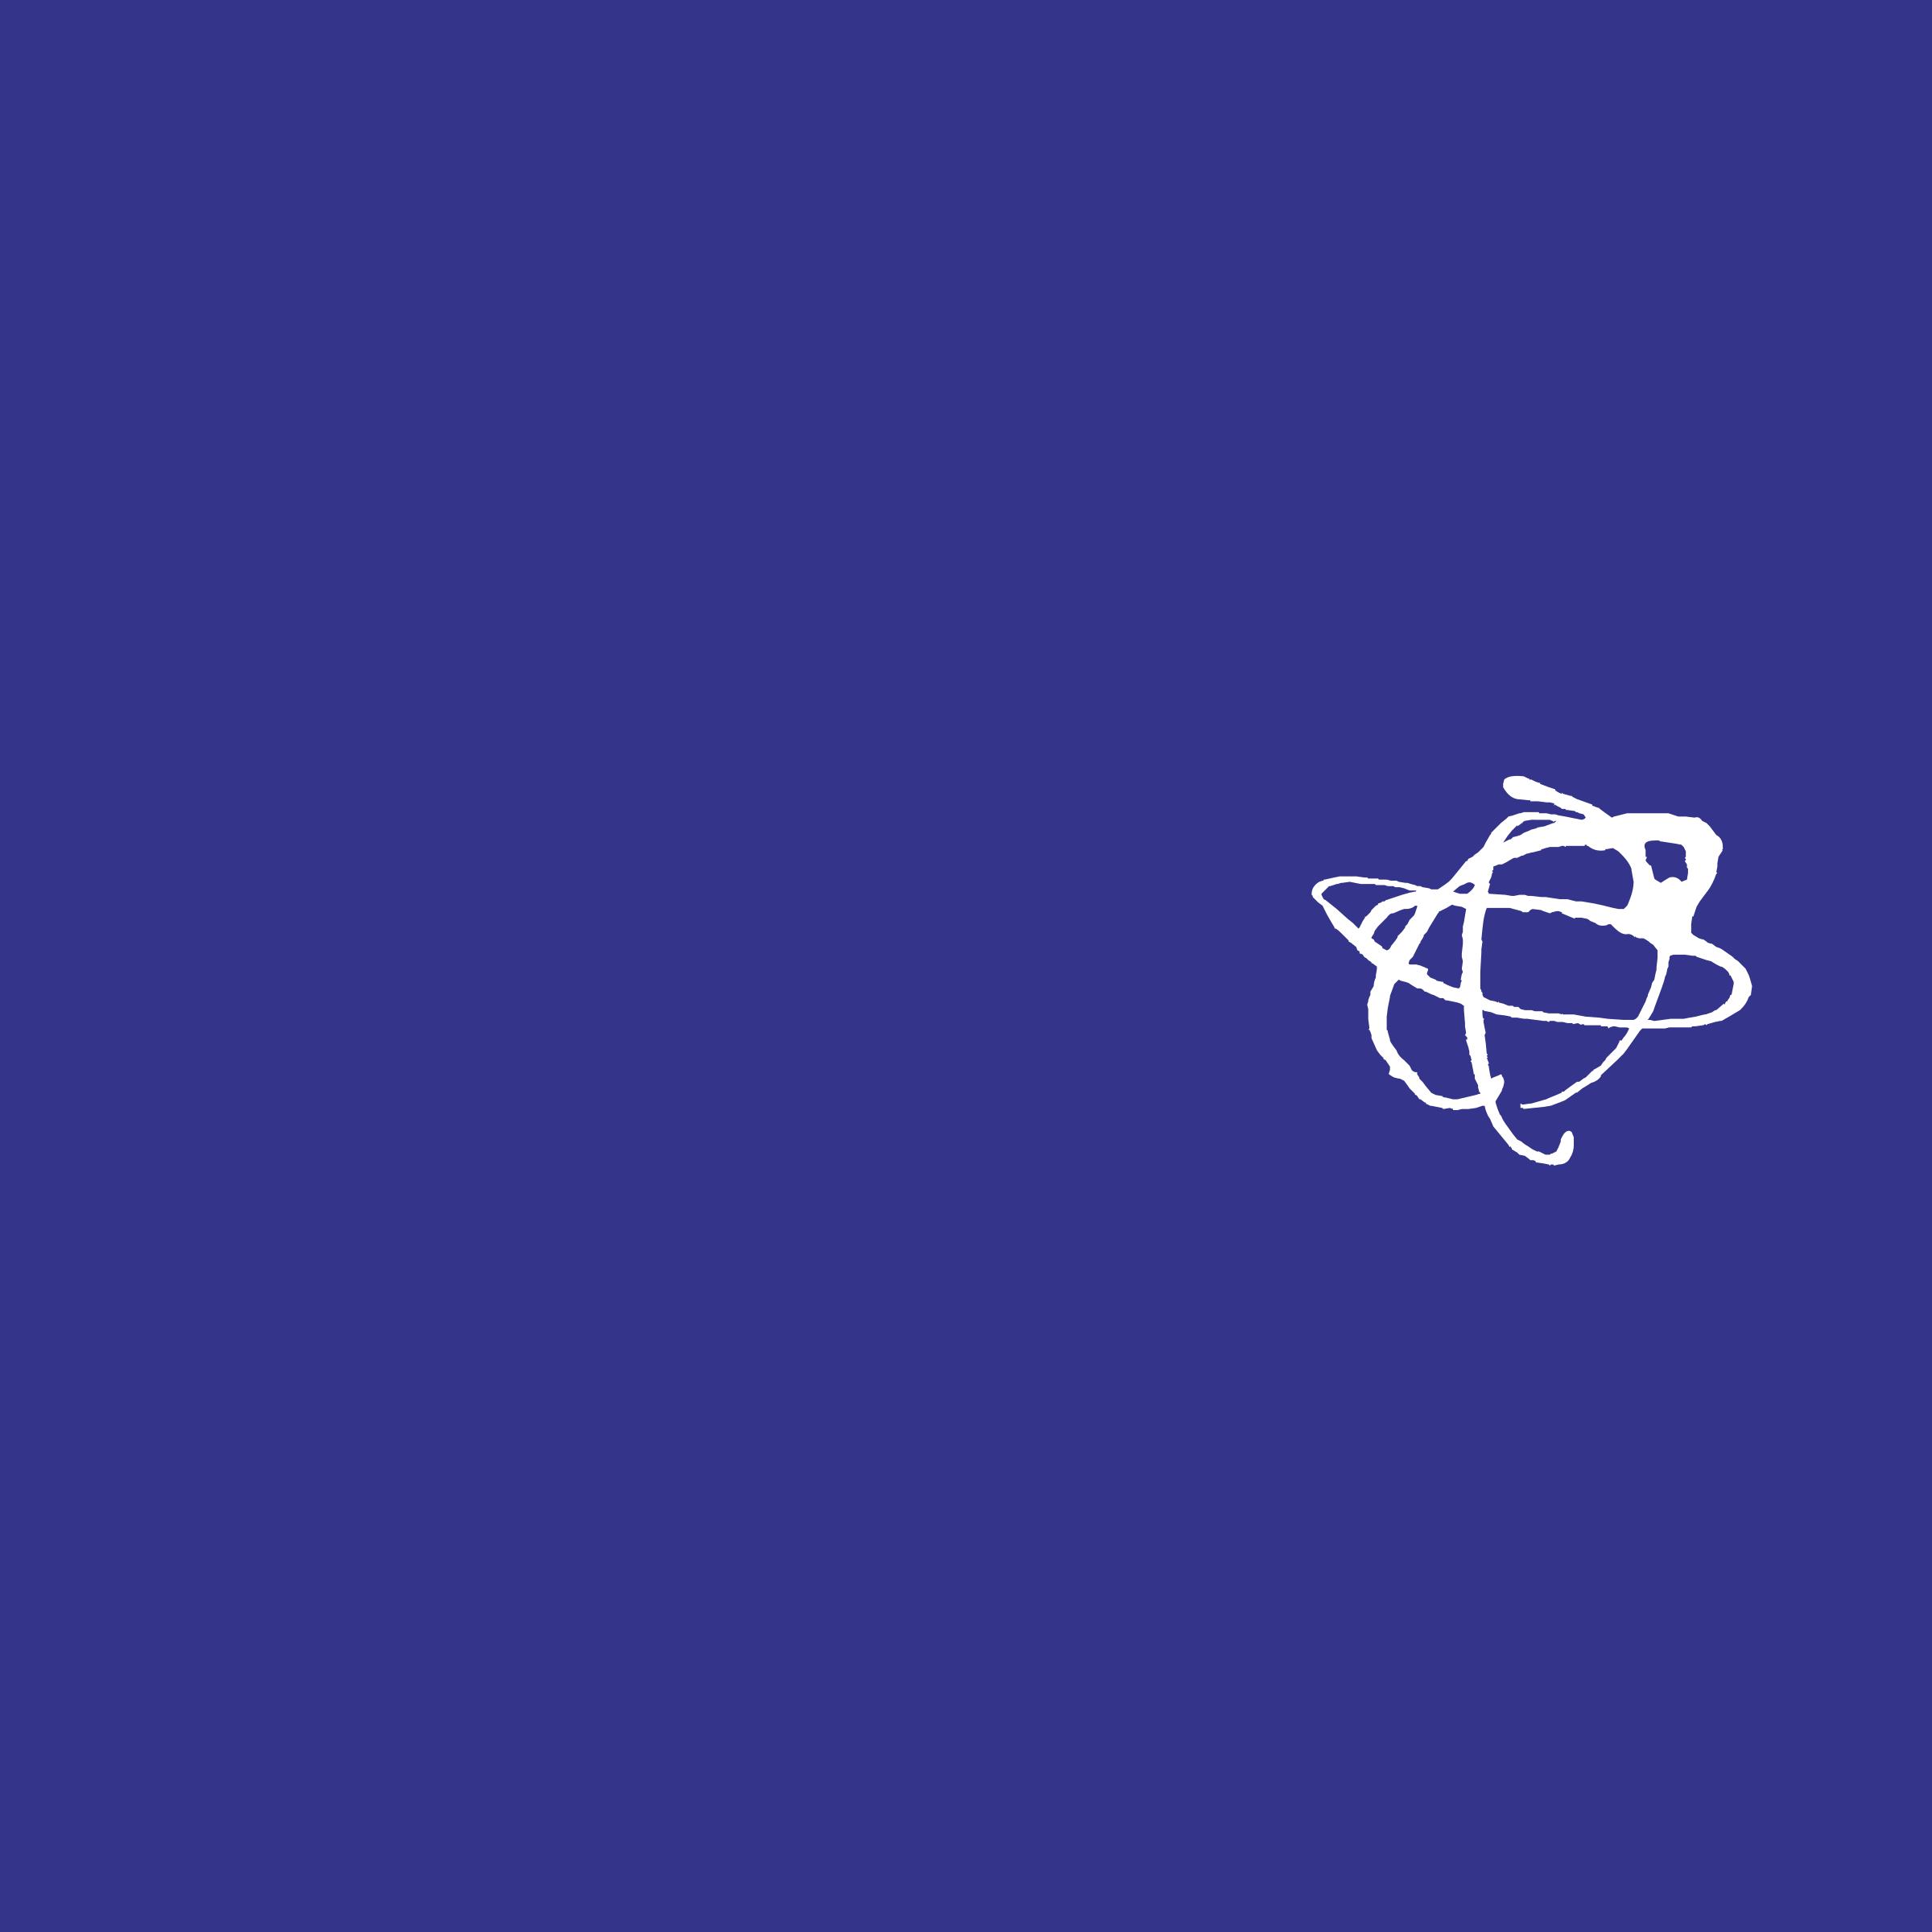 Fremantle Media Logo PNG Transparent & SVG Vector.